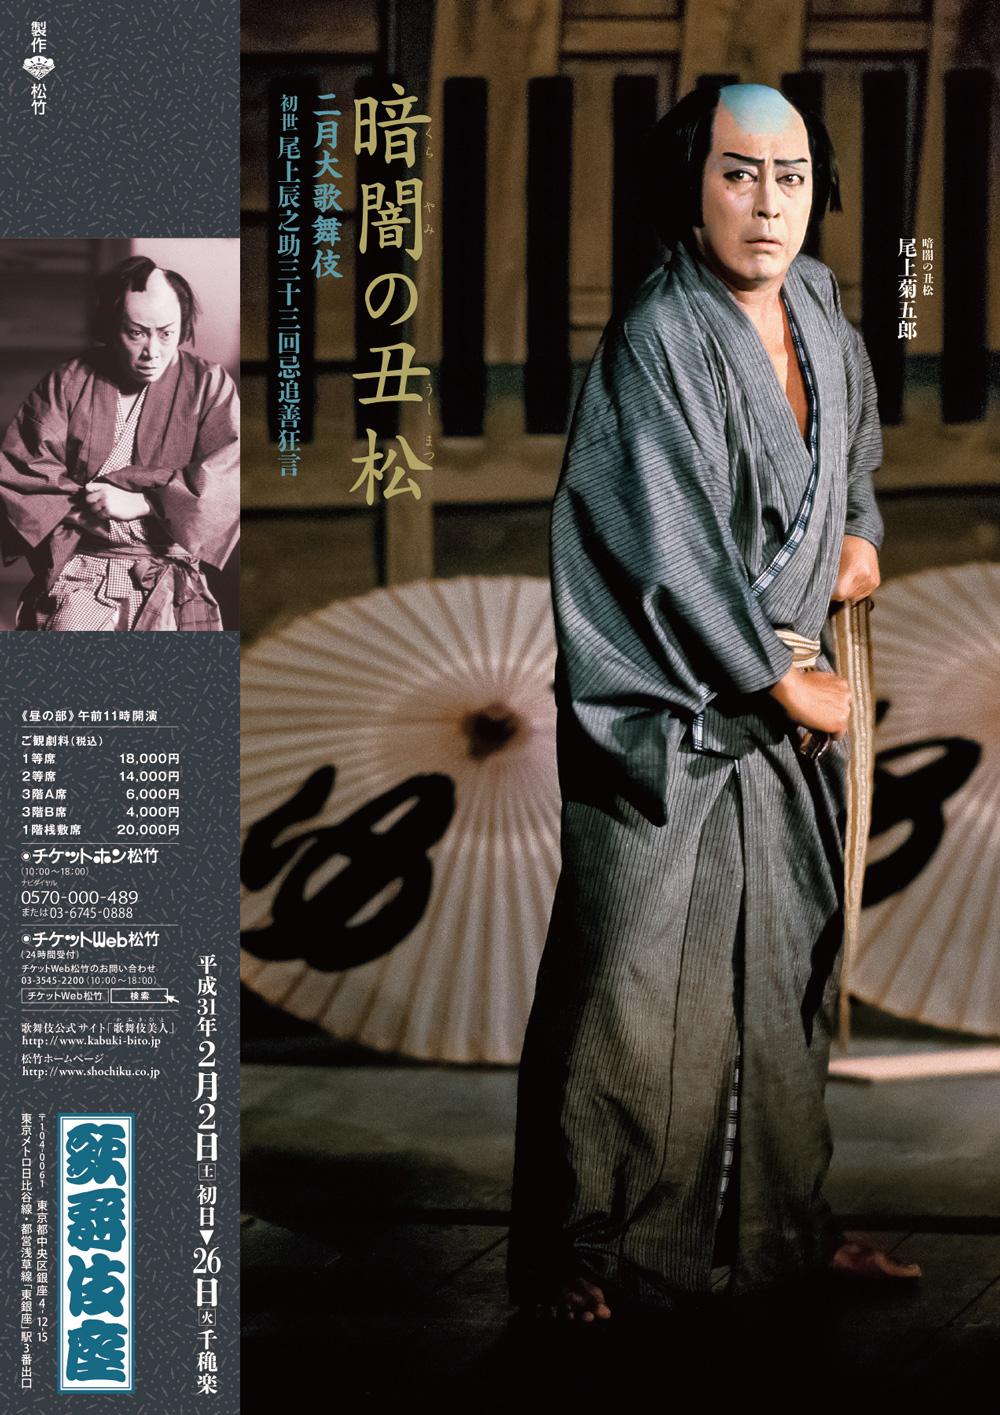 歌舞伎座「二月大歌舞伎」特別ポスターが完成